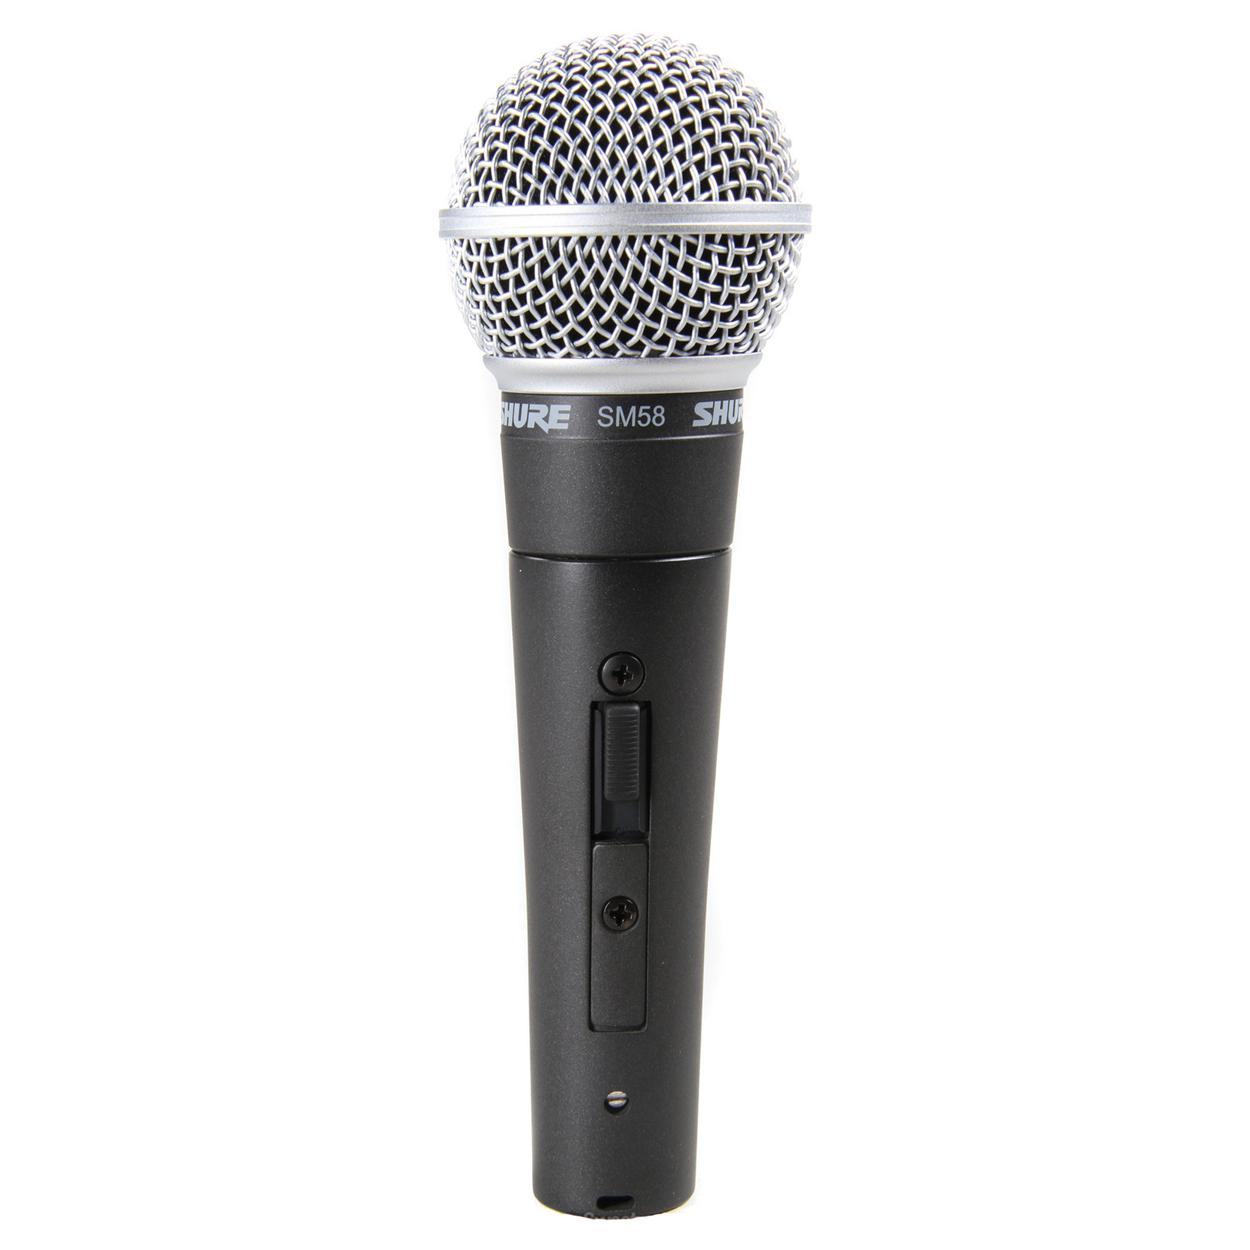 Afbeelding van Shure SM 58 SE zangmicrofoon dynamisch met schakelaar